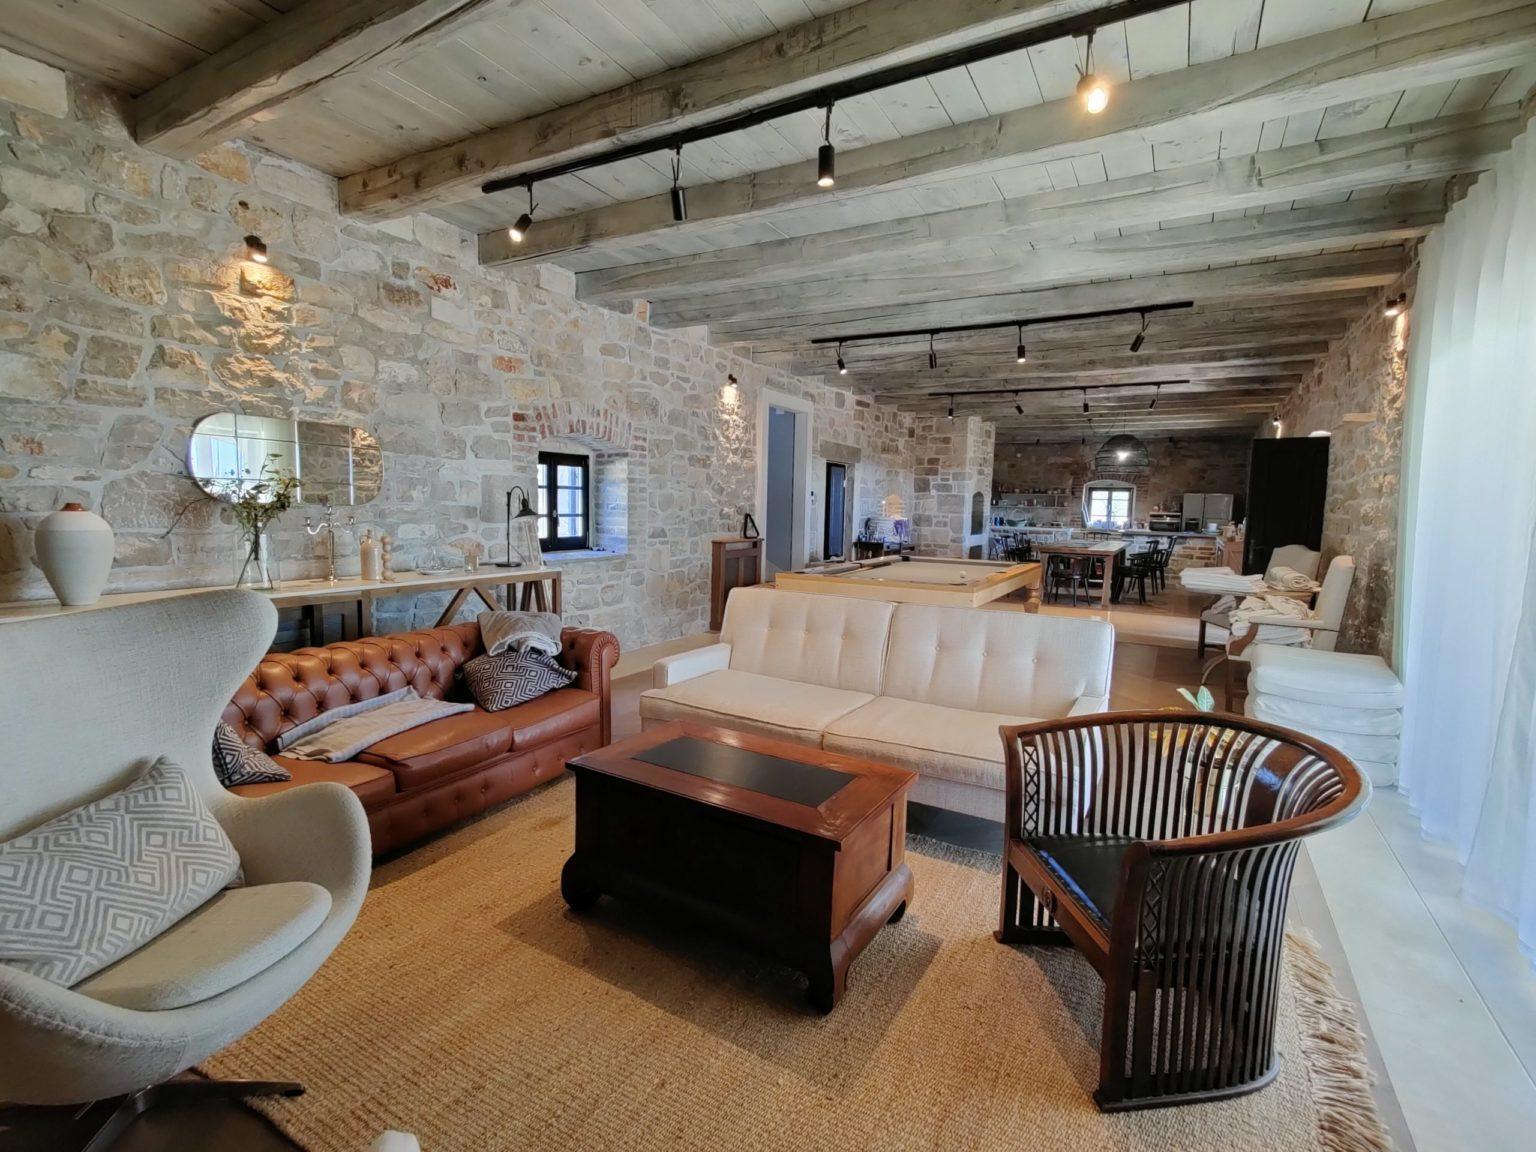 hochzeitslocation Kroatien location hochzeit heiraten 7 8 scaled - Moderne Villa